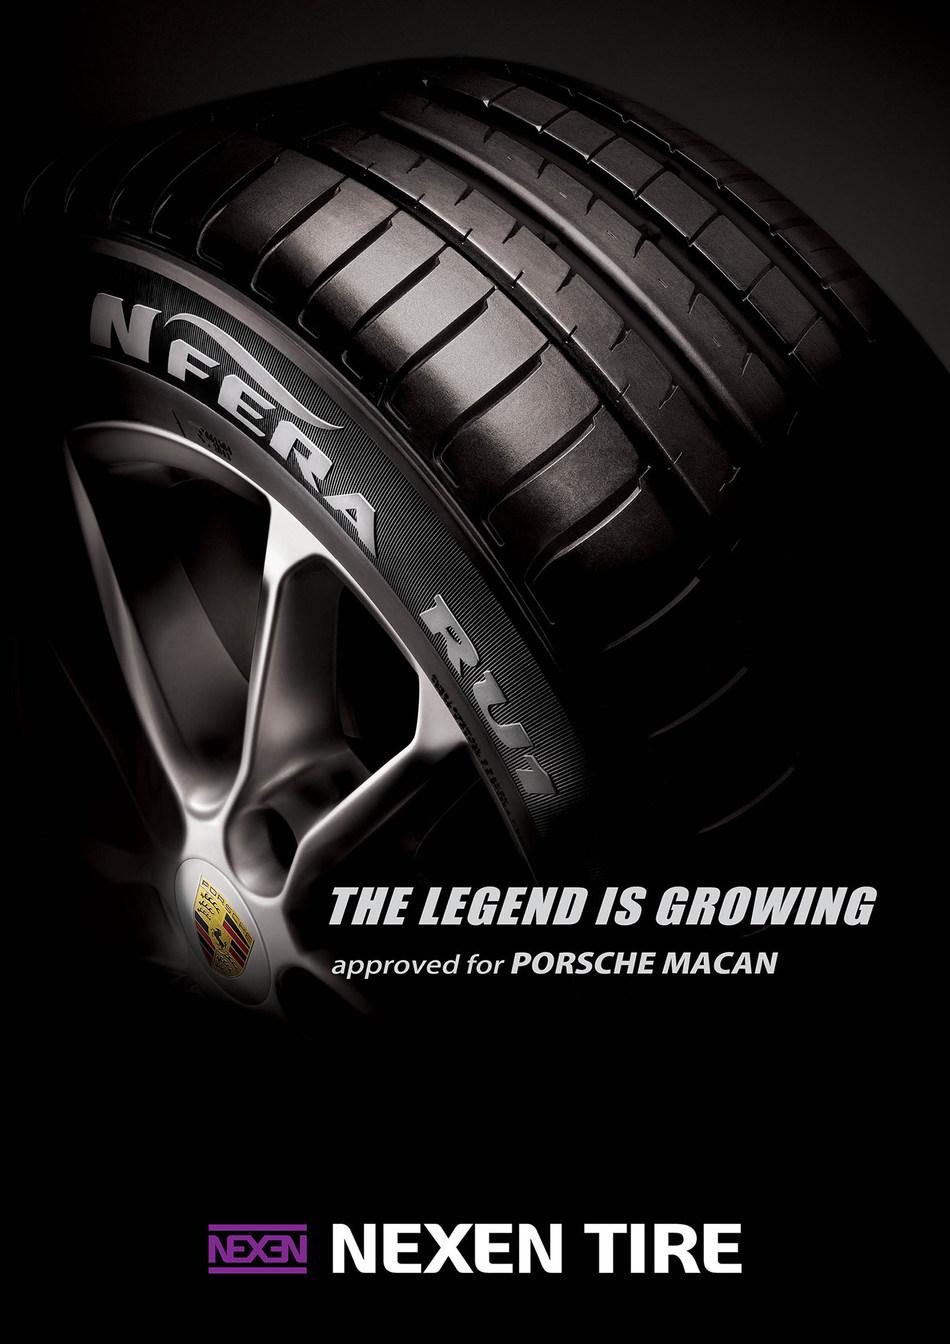 Nexen Tire Supplies Original Equipment Tires for Porsche Macan